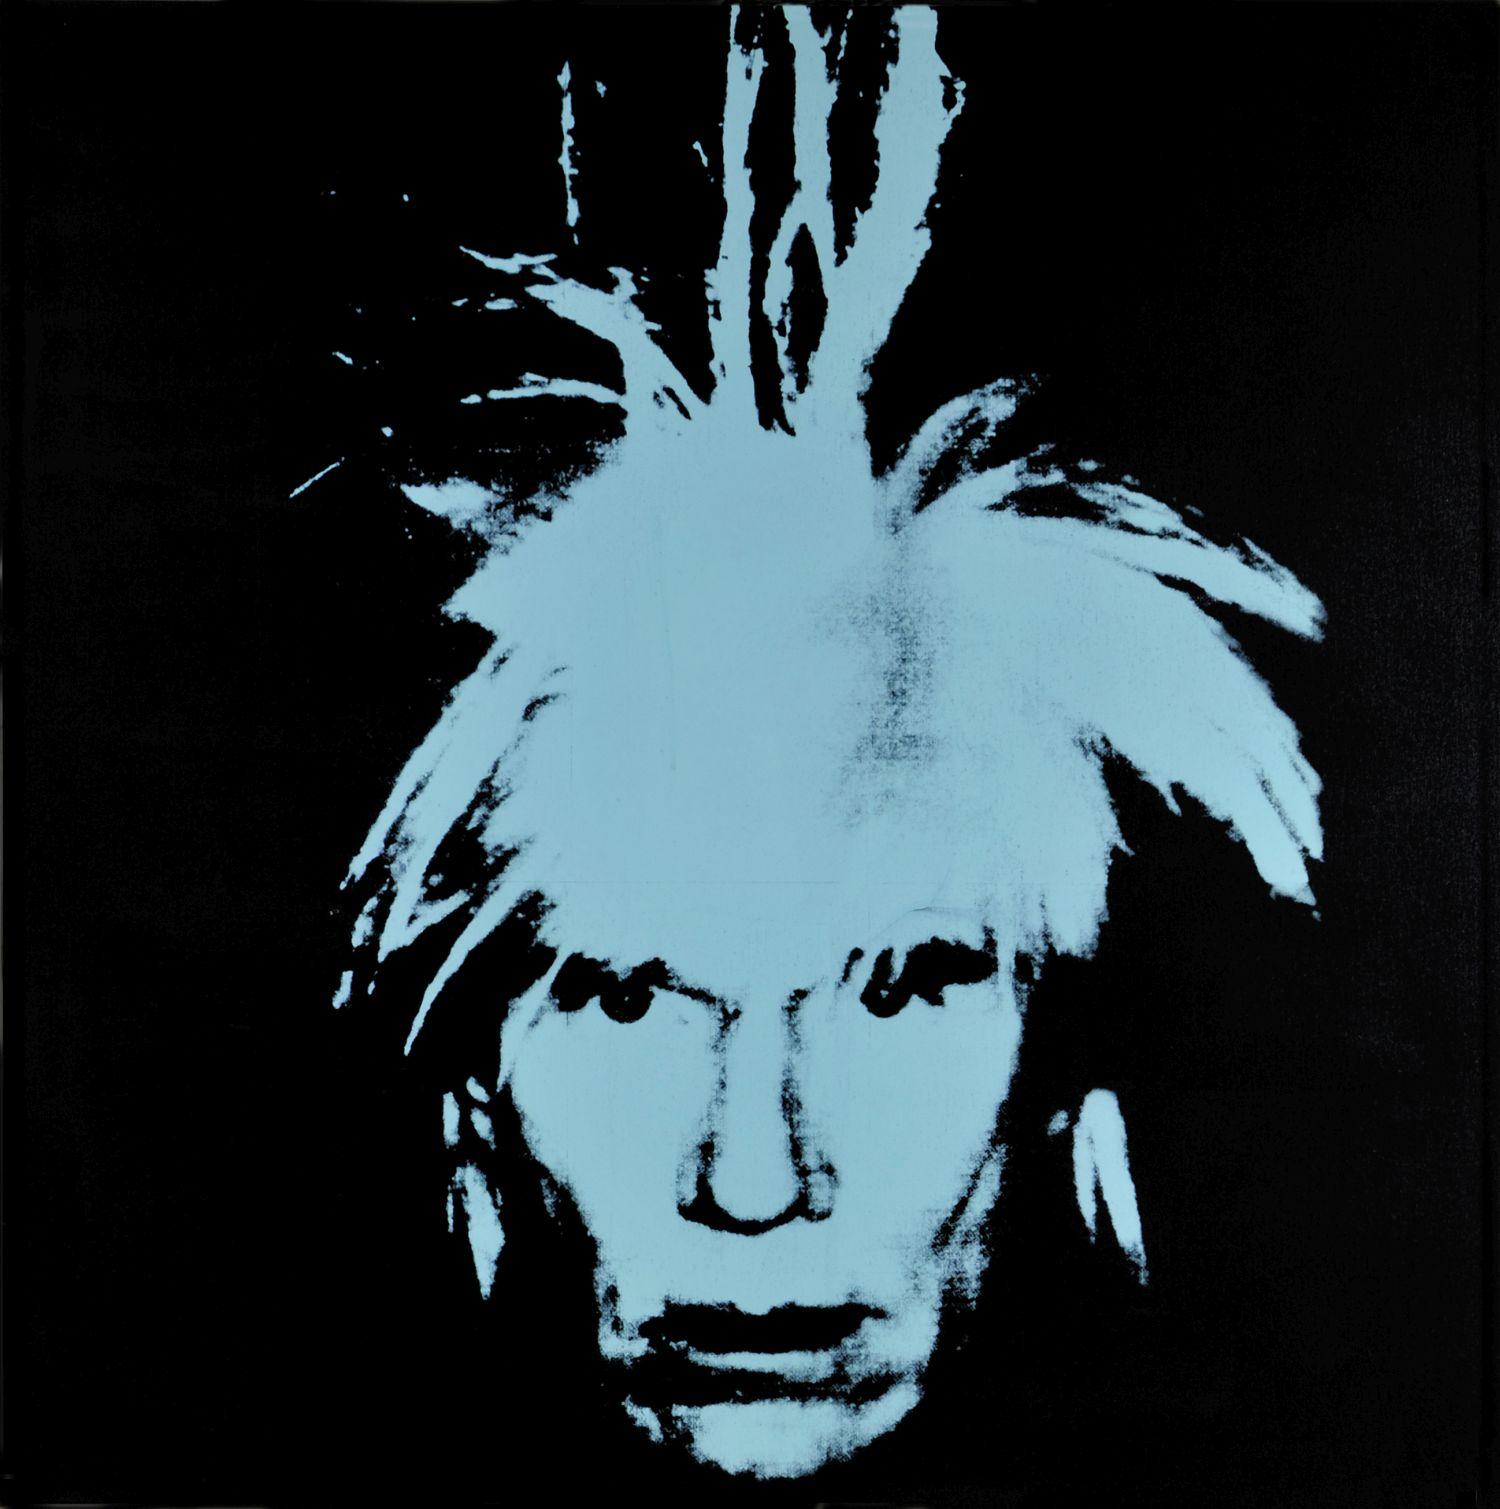 Andy Warhol, autoportret, sitodruk, 1978 (źródło: materiały prasowe)